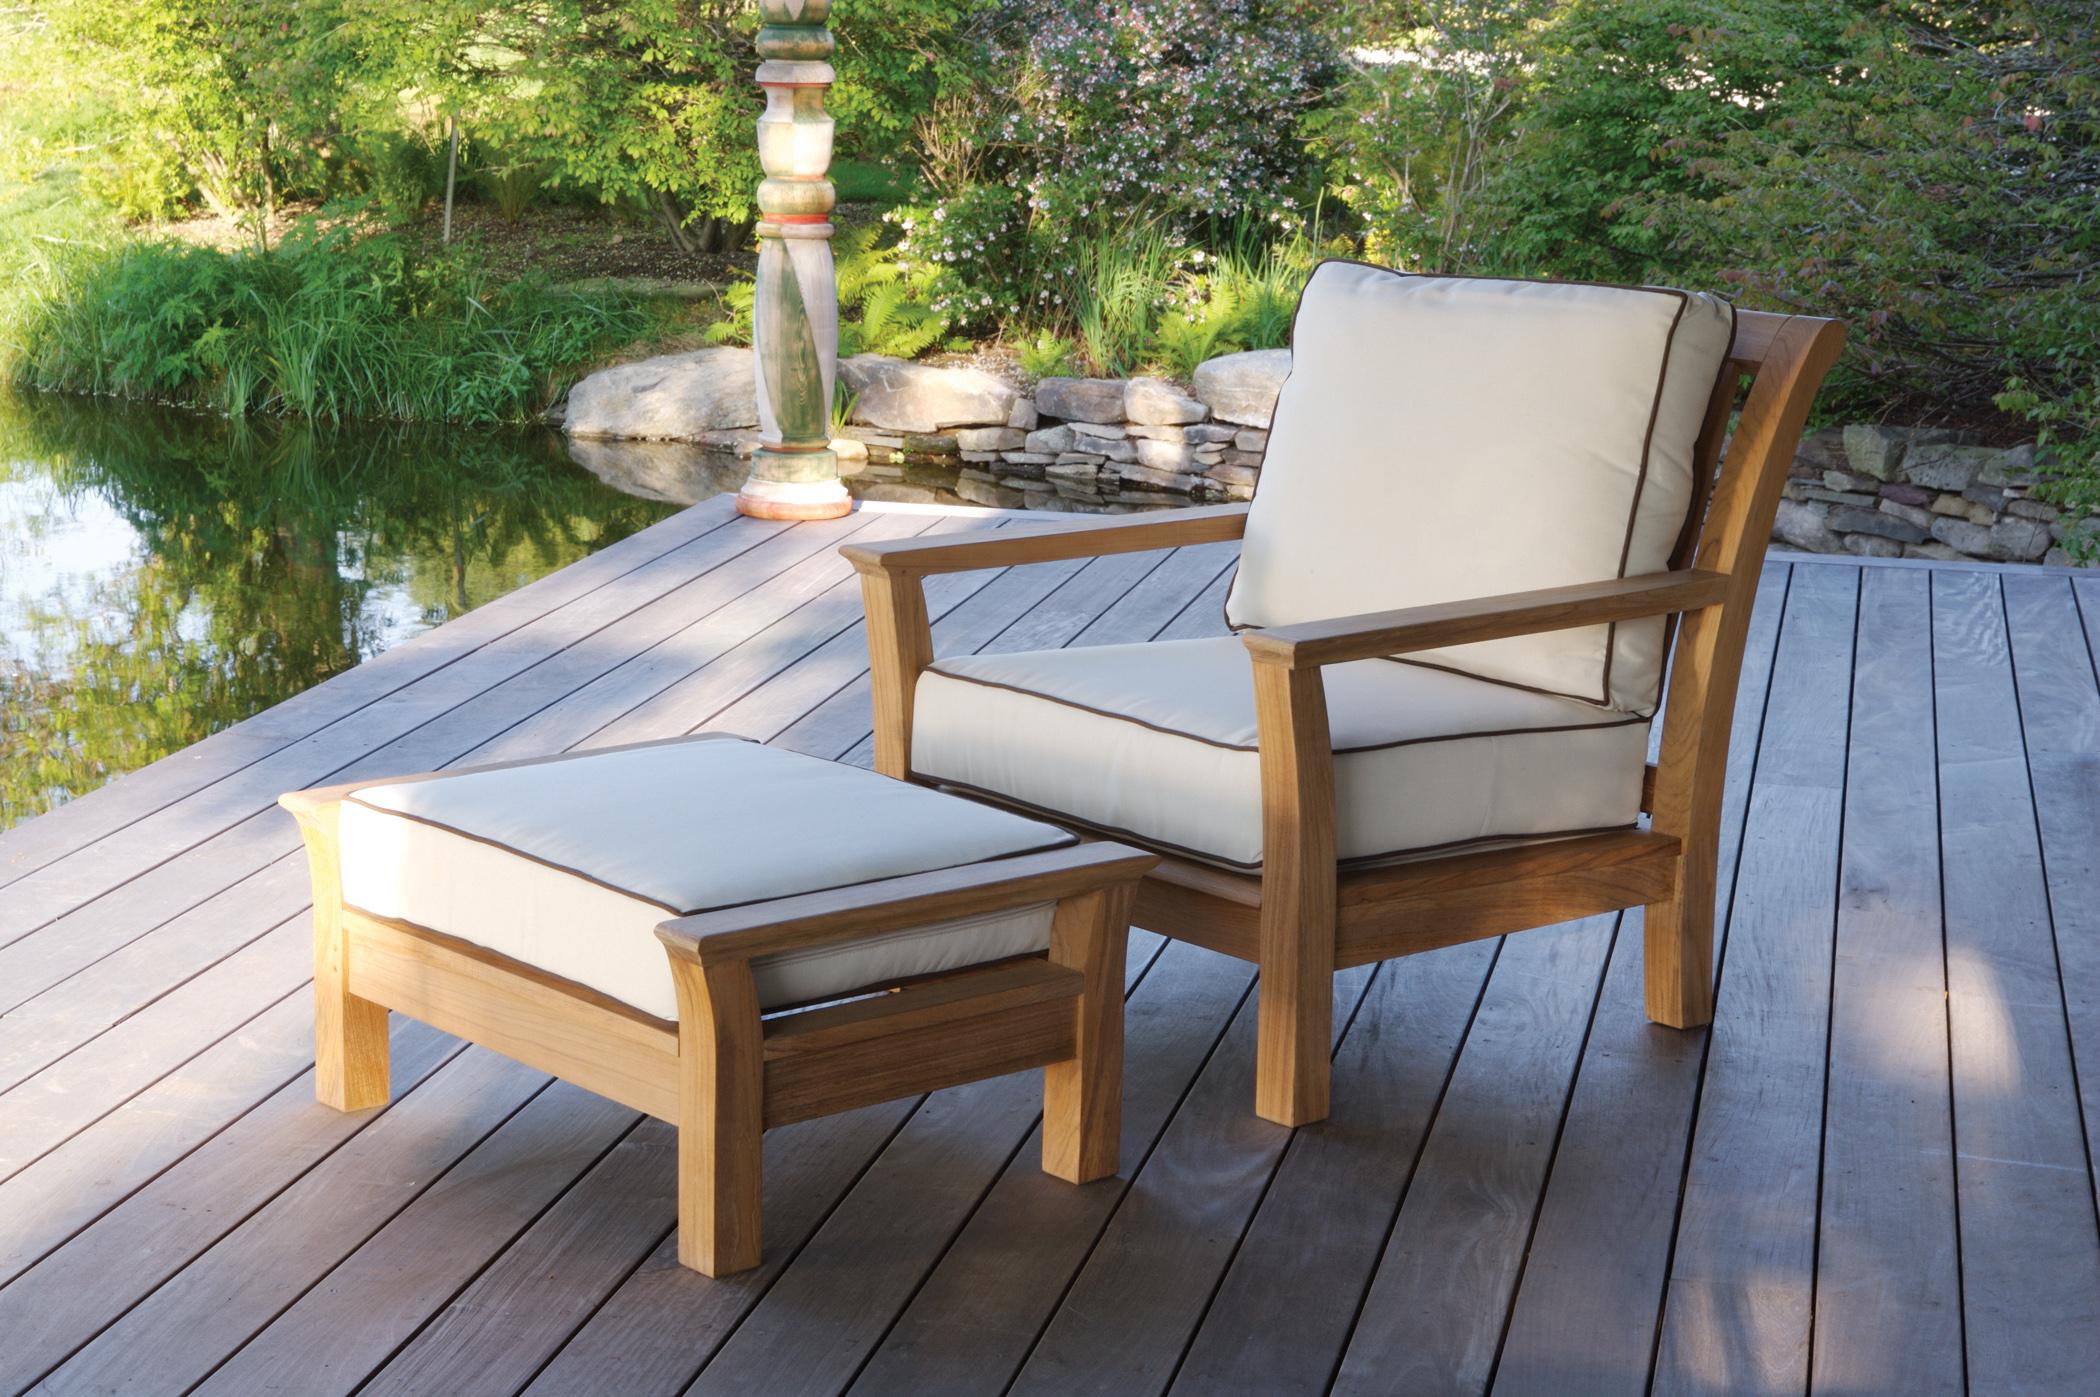 Kingsley-Bate Chelsea Teak Deep Seating Lounge Chair